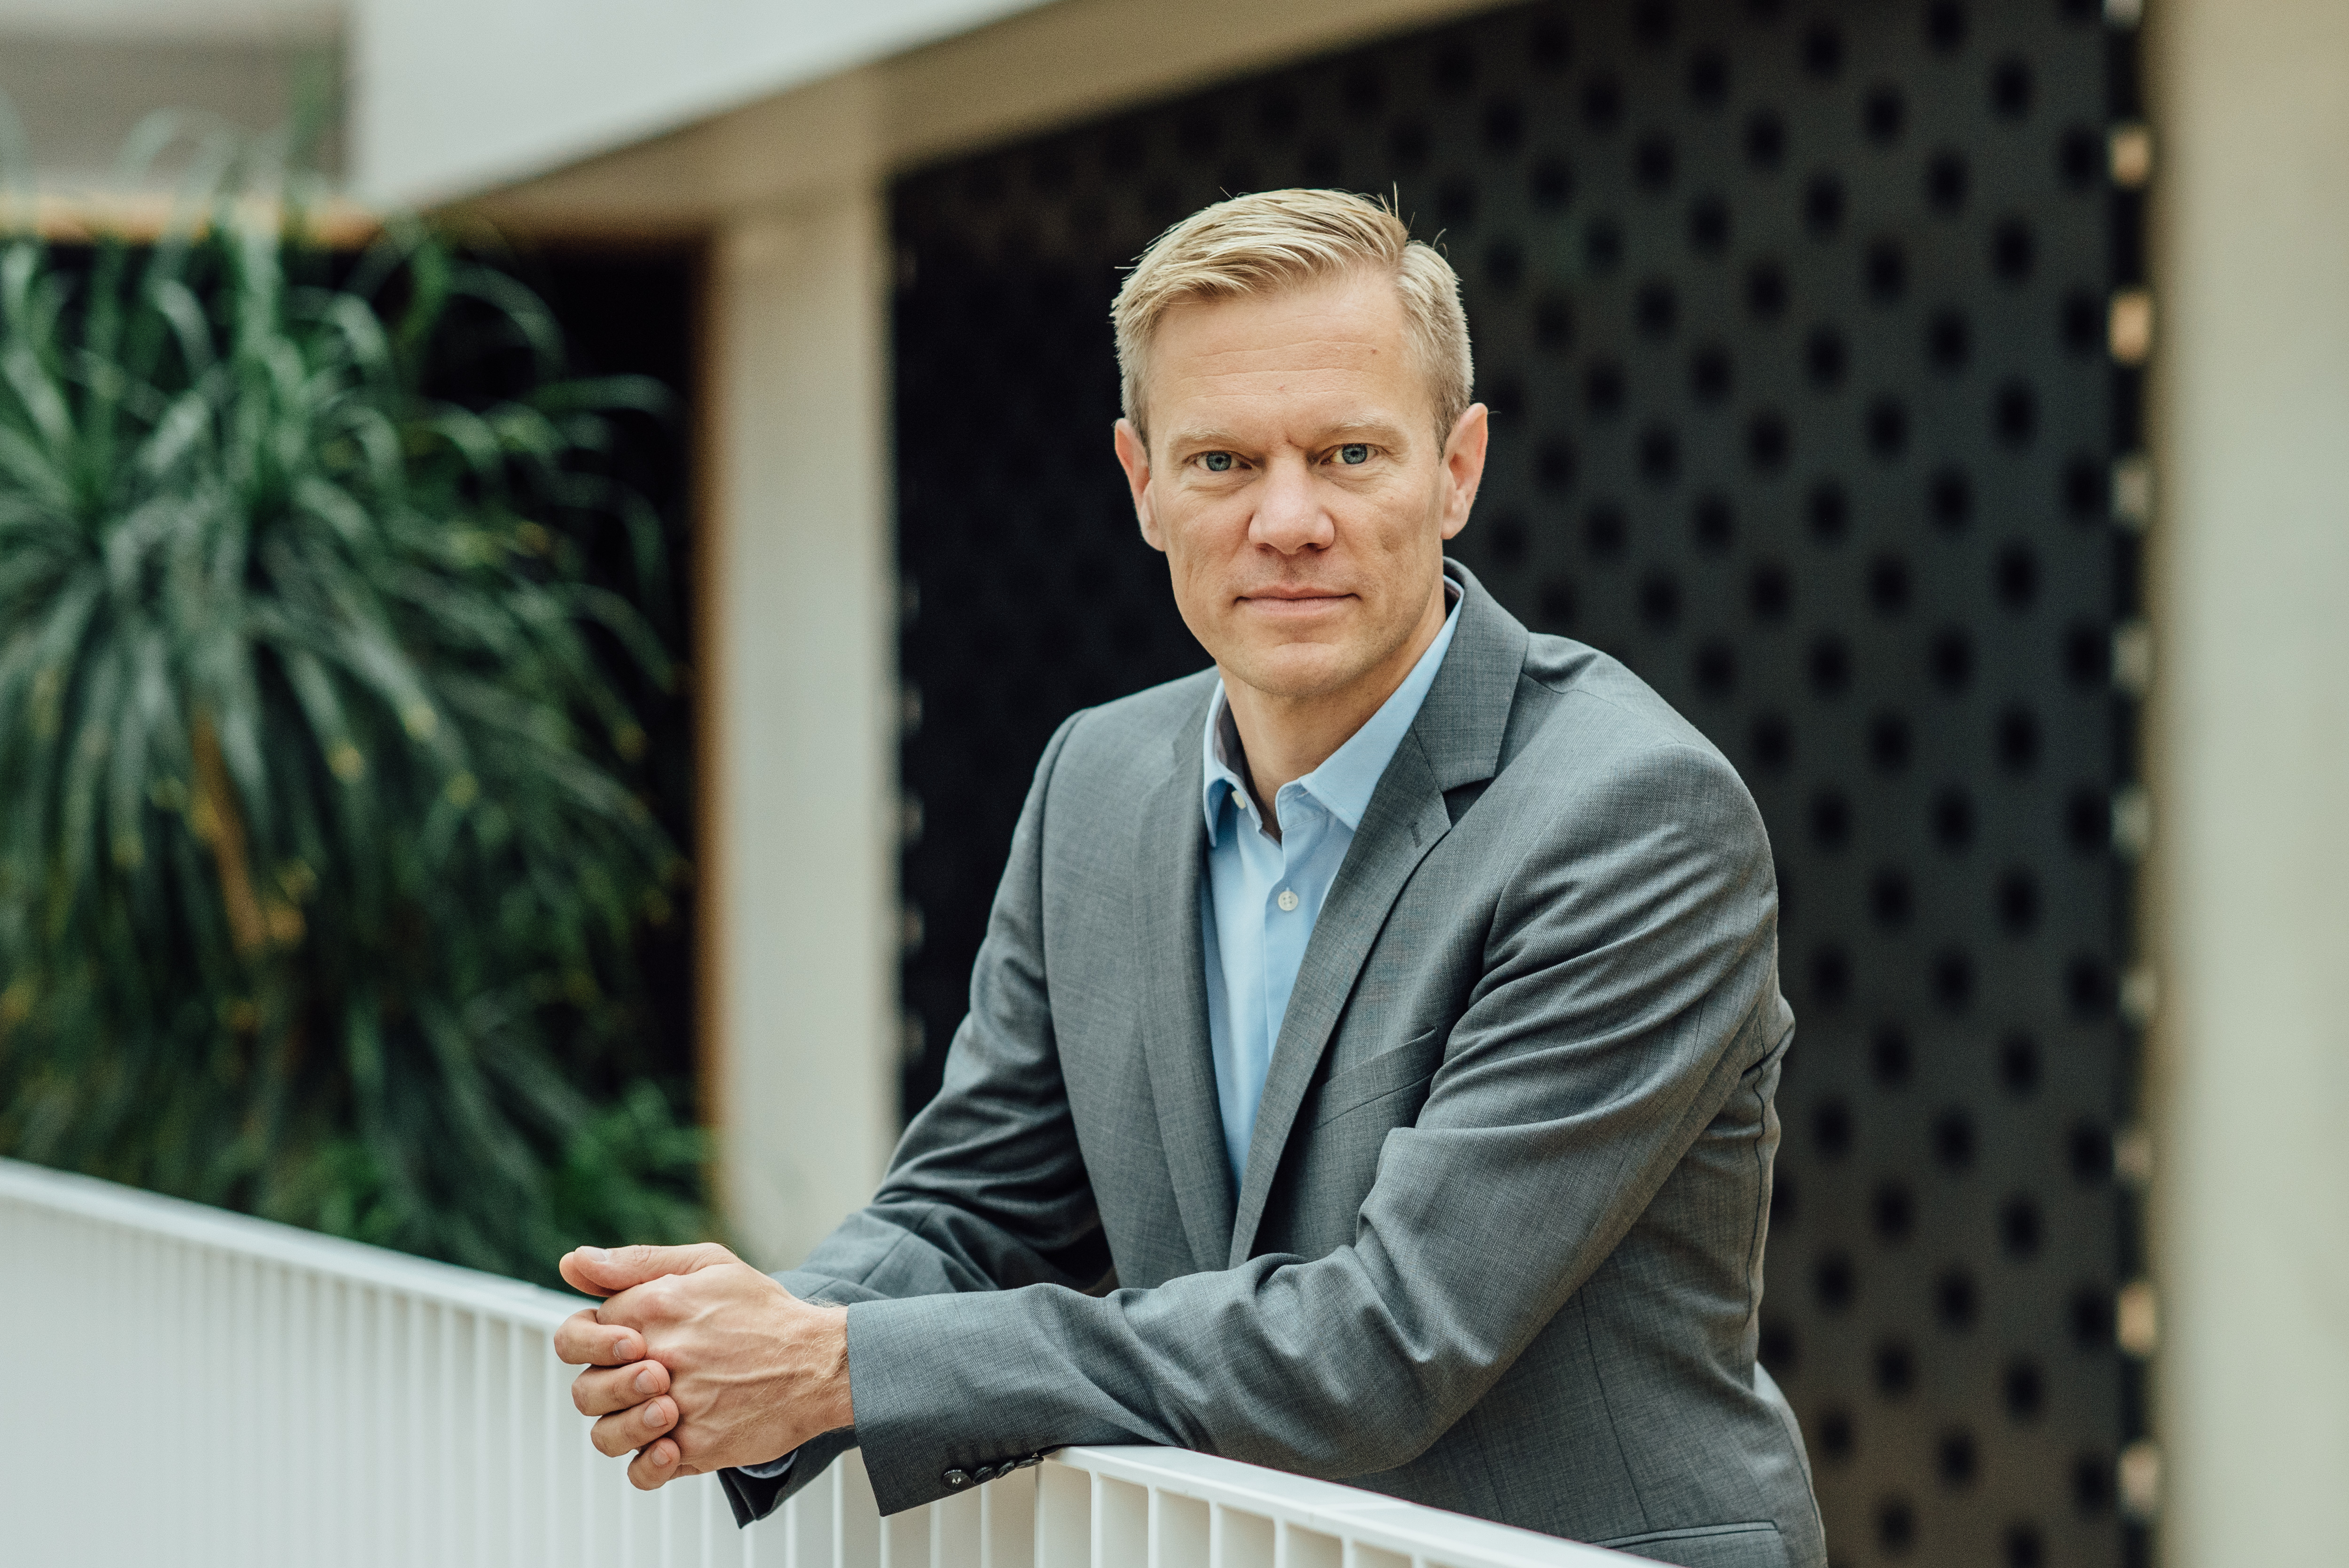 Timo von Wirth